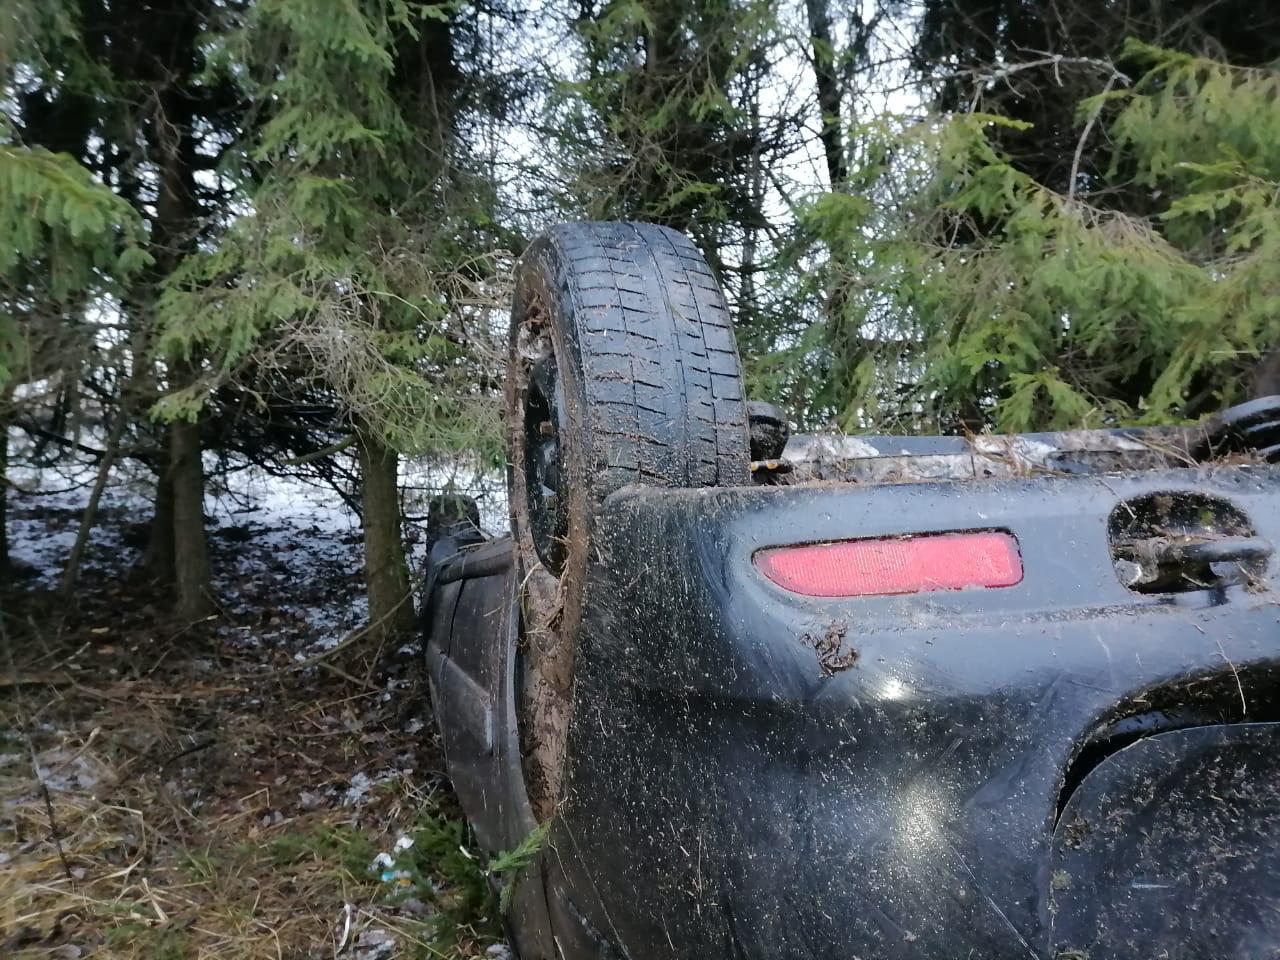 В Тверской области водитель получил травмы в перевернувшейся Ладе - новости Афанасий